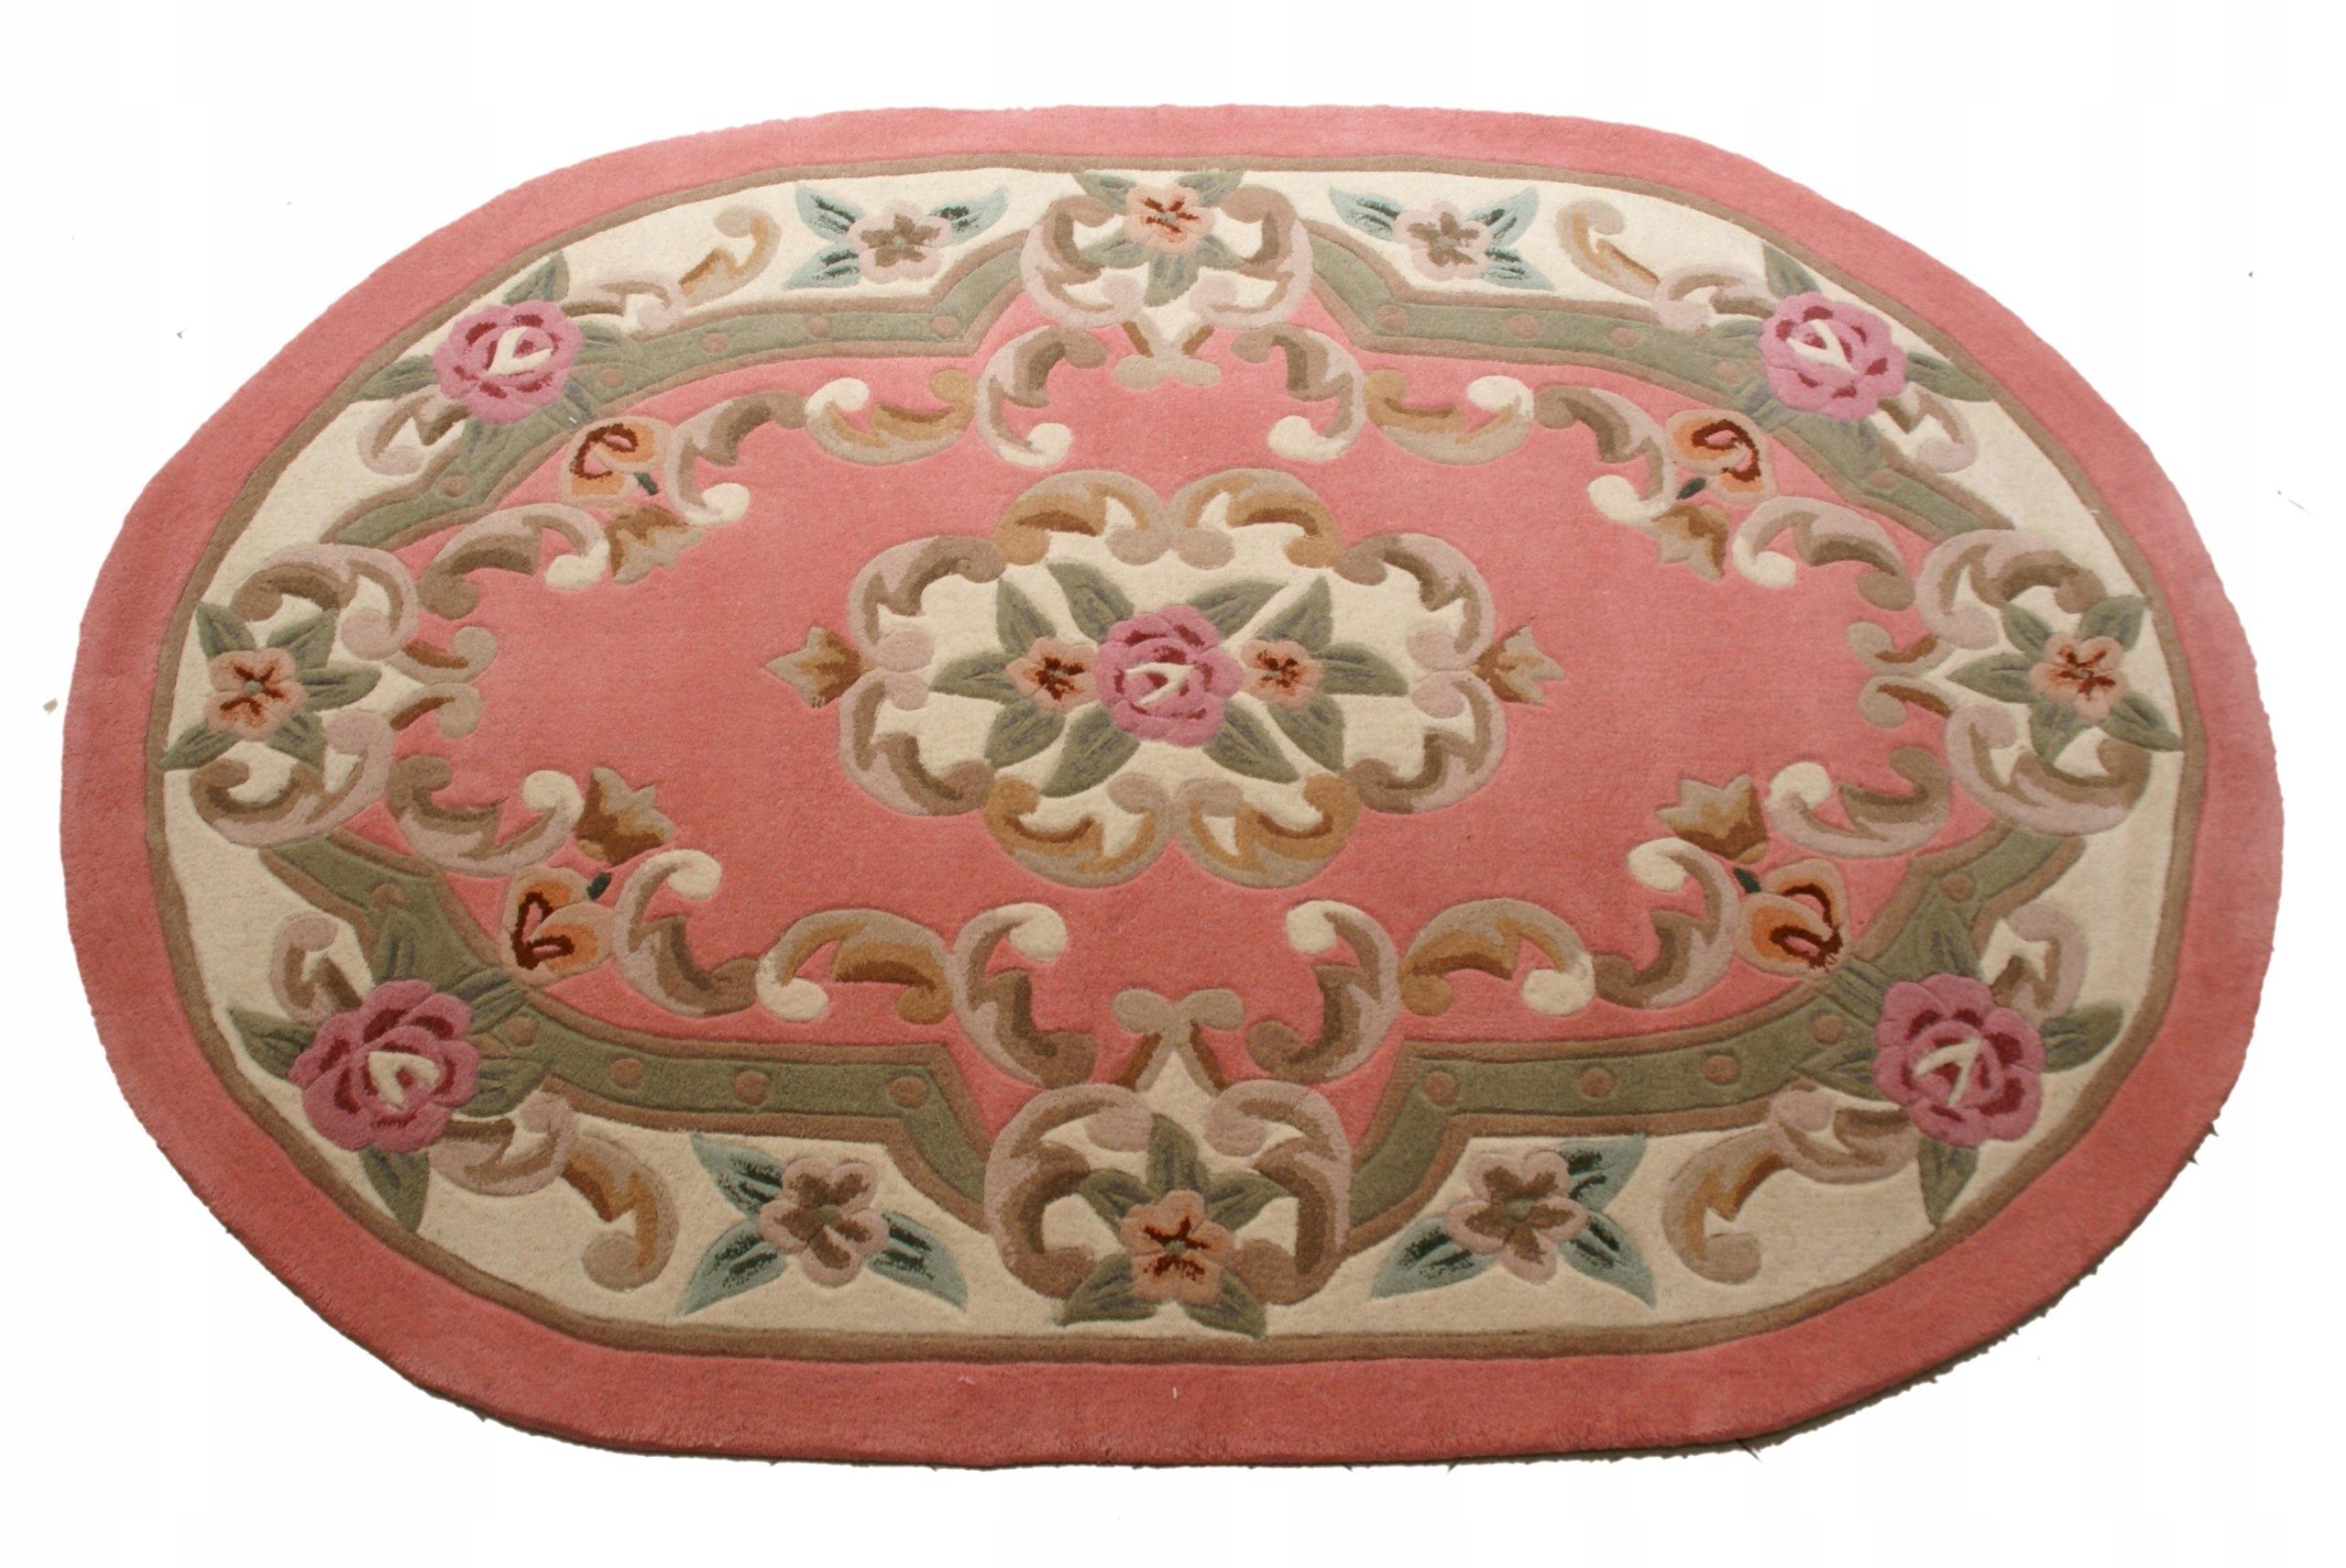 Wełniany Dywan Aubusson Różowy Owal 122x183 6960004847